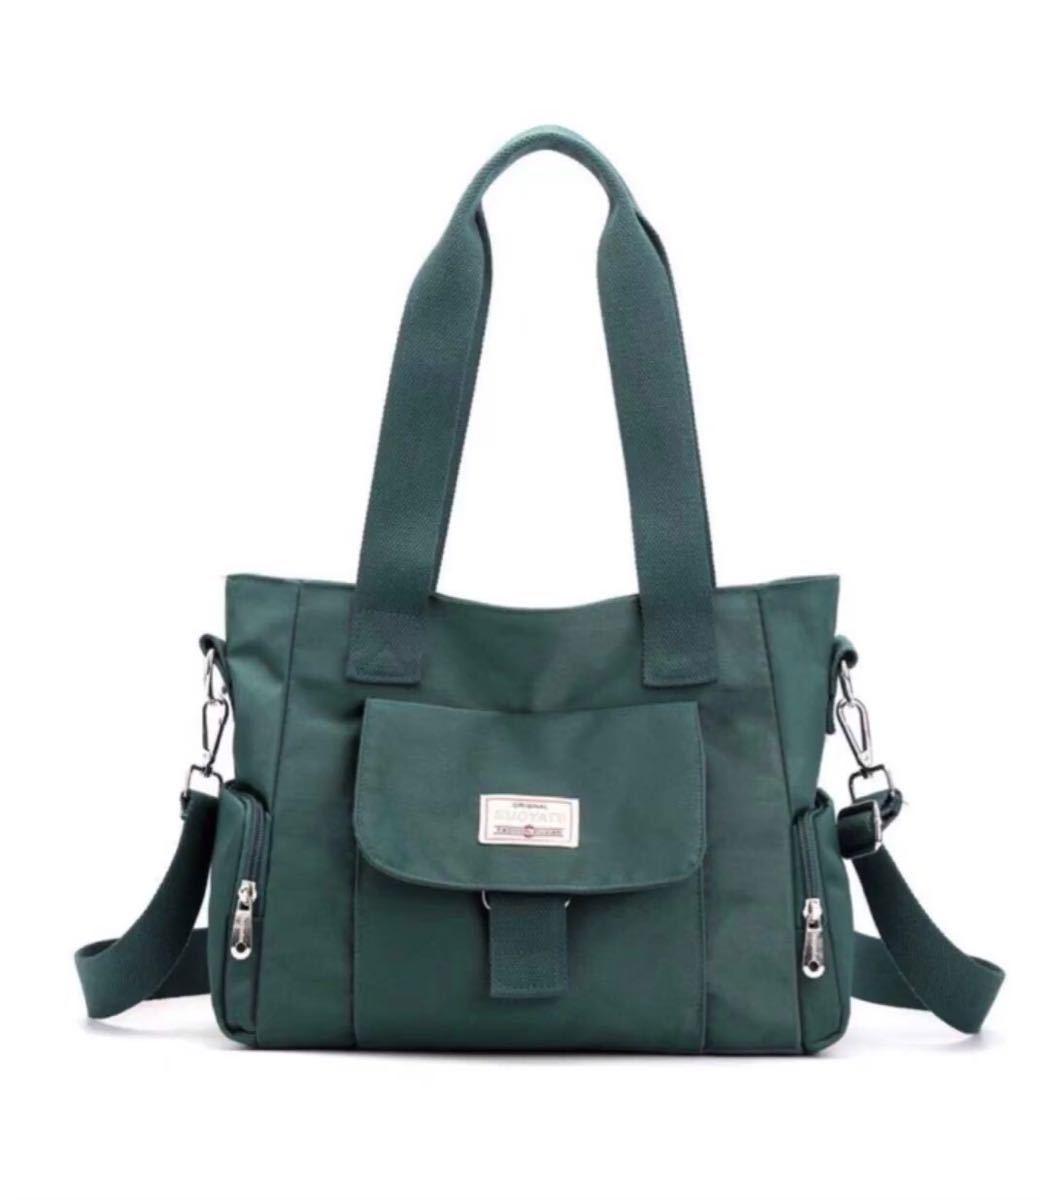 ショルダーバッグ トートバッグ  2way 多機能 大容量 通勤通学バッグ 楽々 撥水加工 グリーン